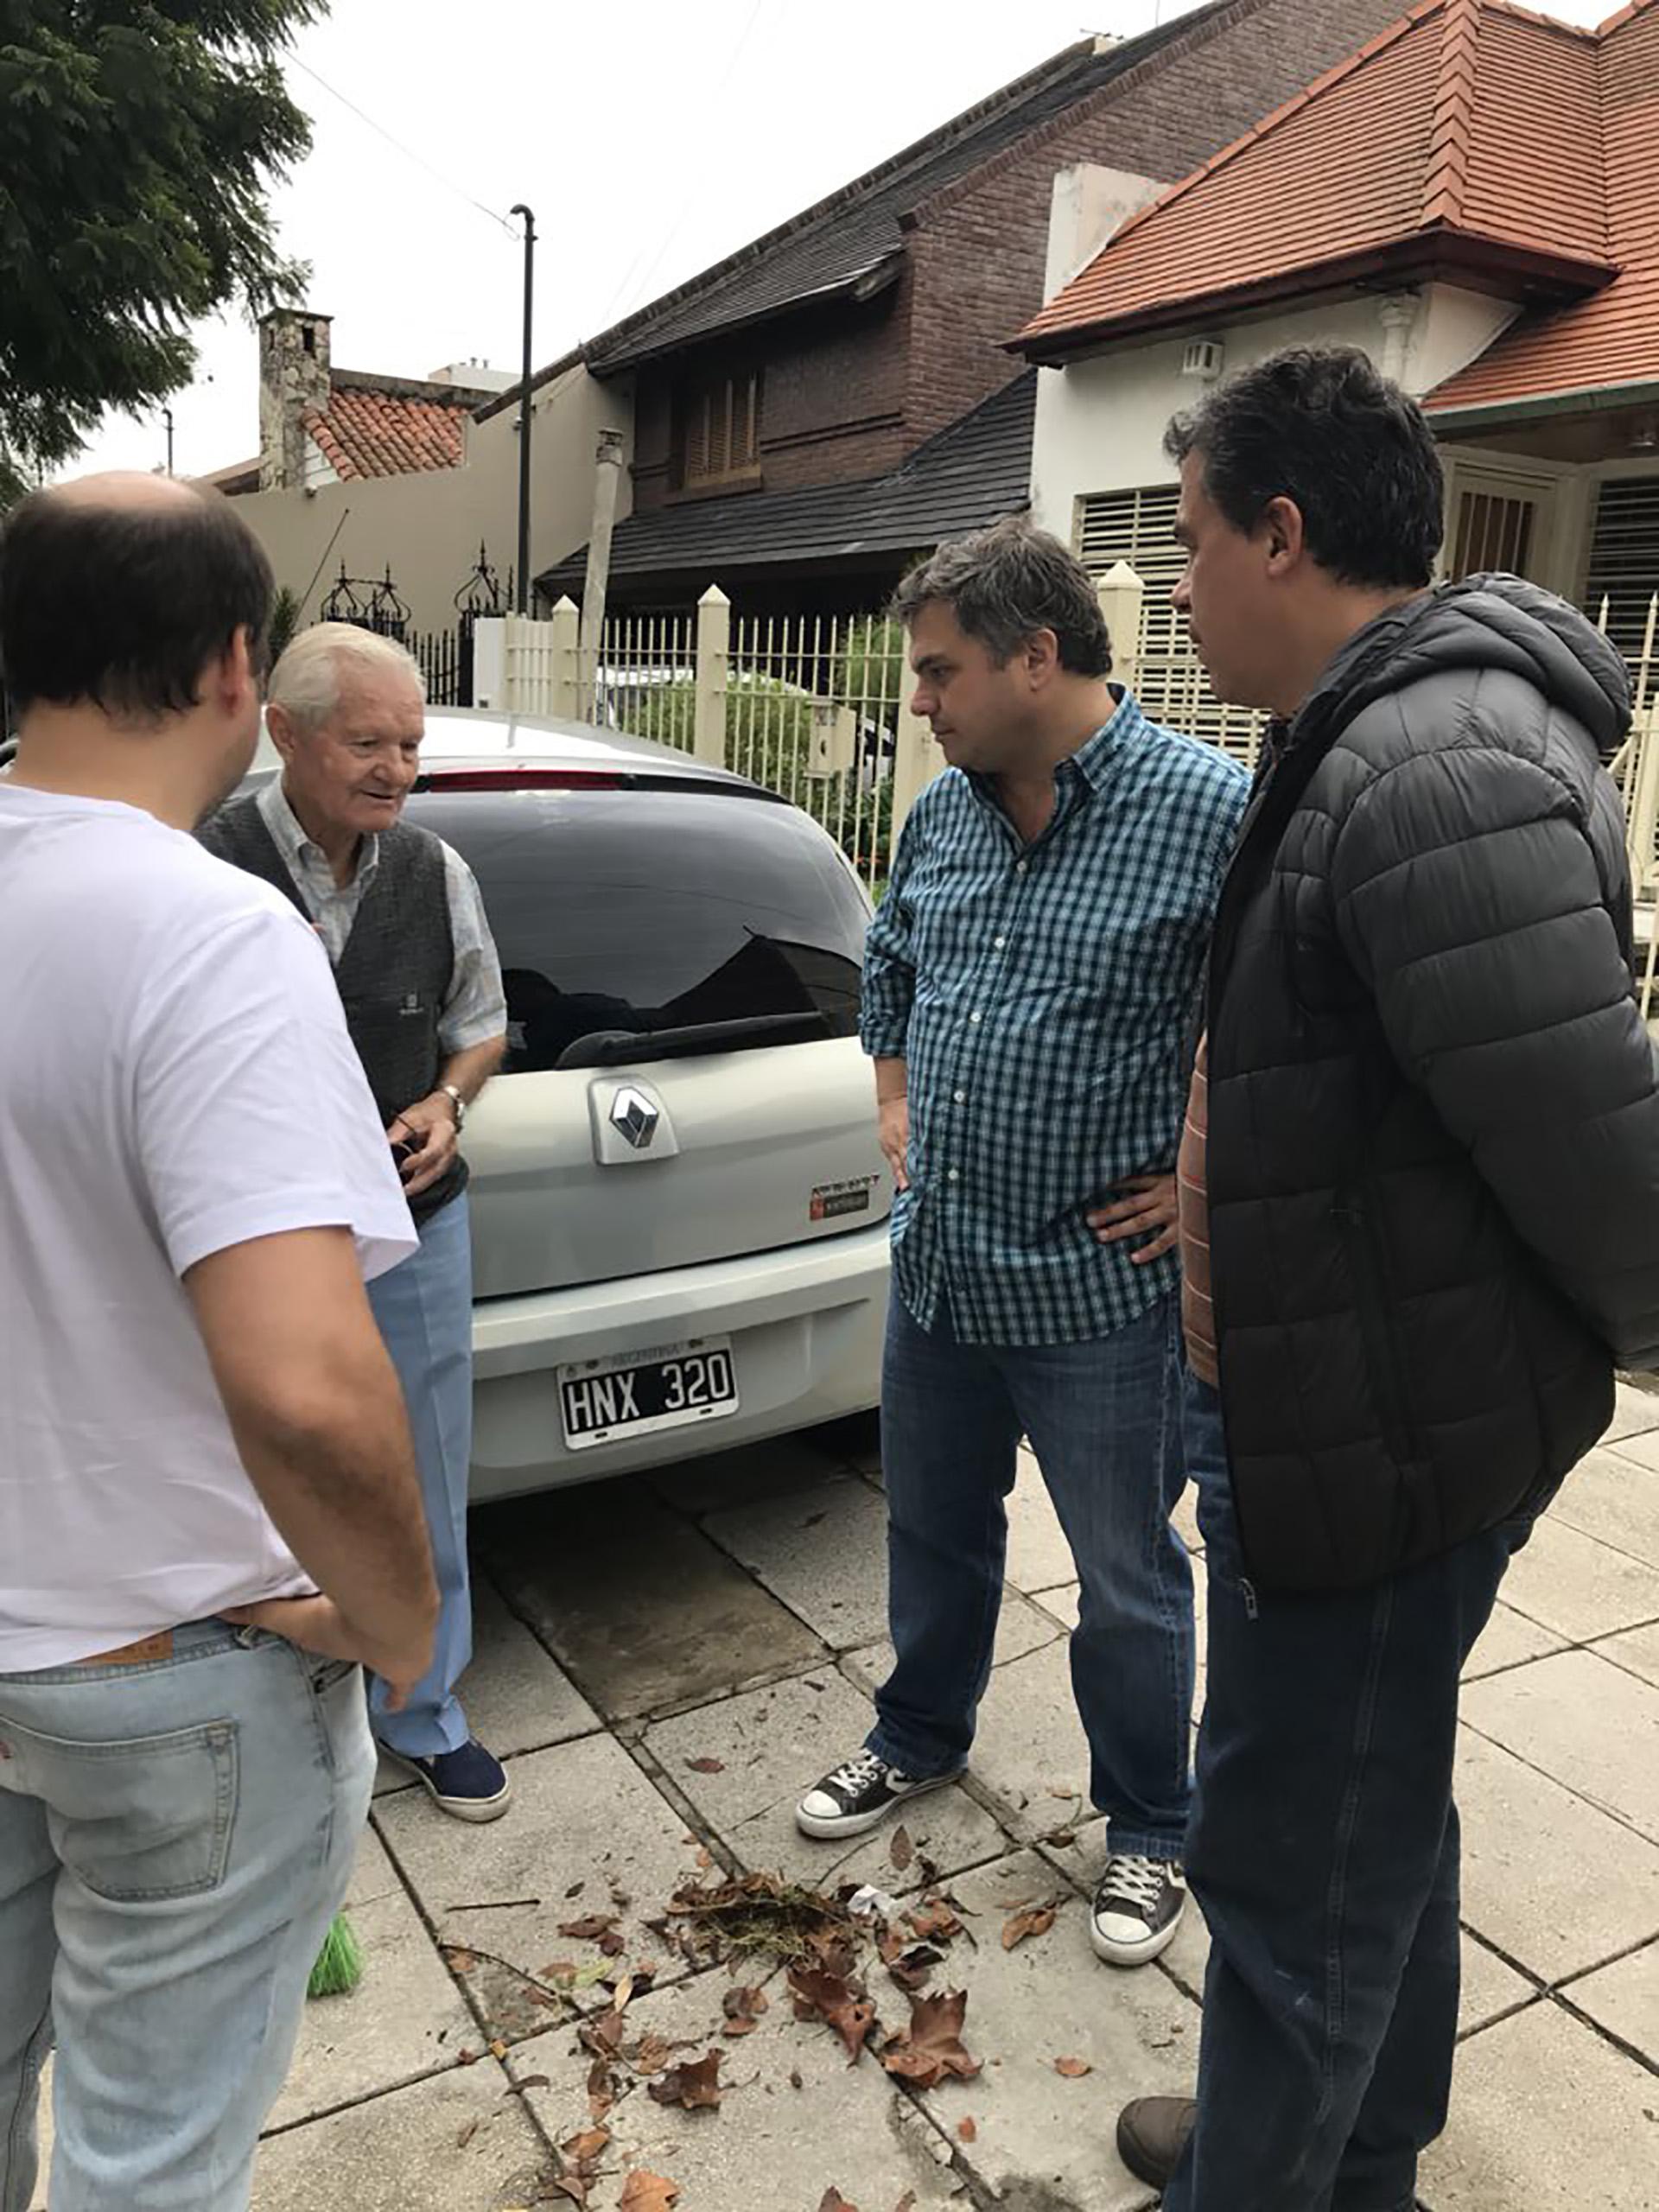 El ministro de Desarrollo Social de la provincia de Buenos Aires, Santiago Medrano, conversó con vecinos de la localidad de Villa Ballester, partido bonaerense de San Martín.